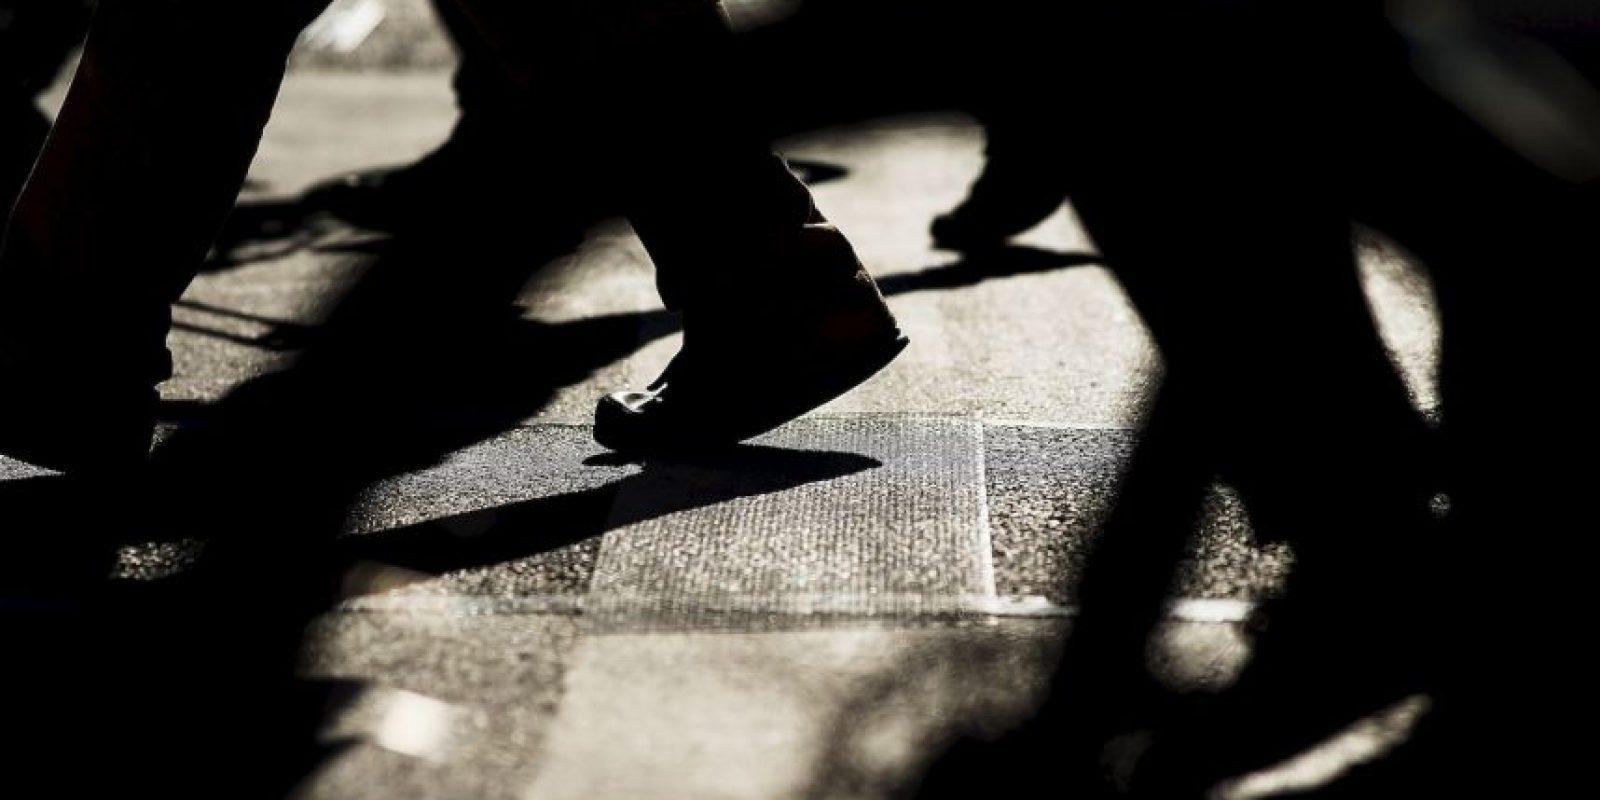 La enfermedad de Alzheimer, que es la causa de demencia más común, acapara entre un 60% y un 70% de los casos. Foto:Getty Images